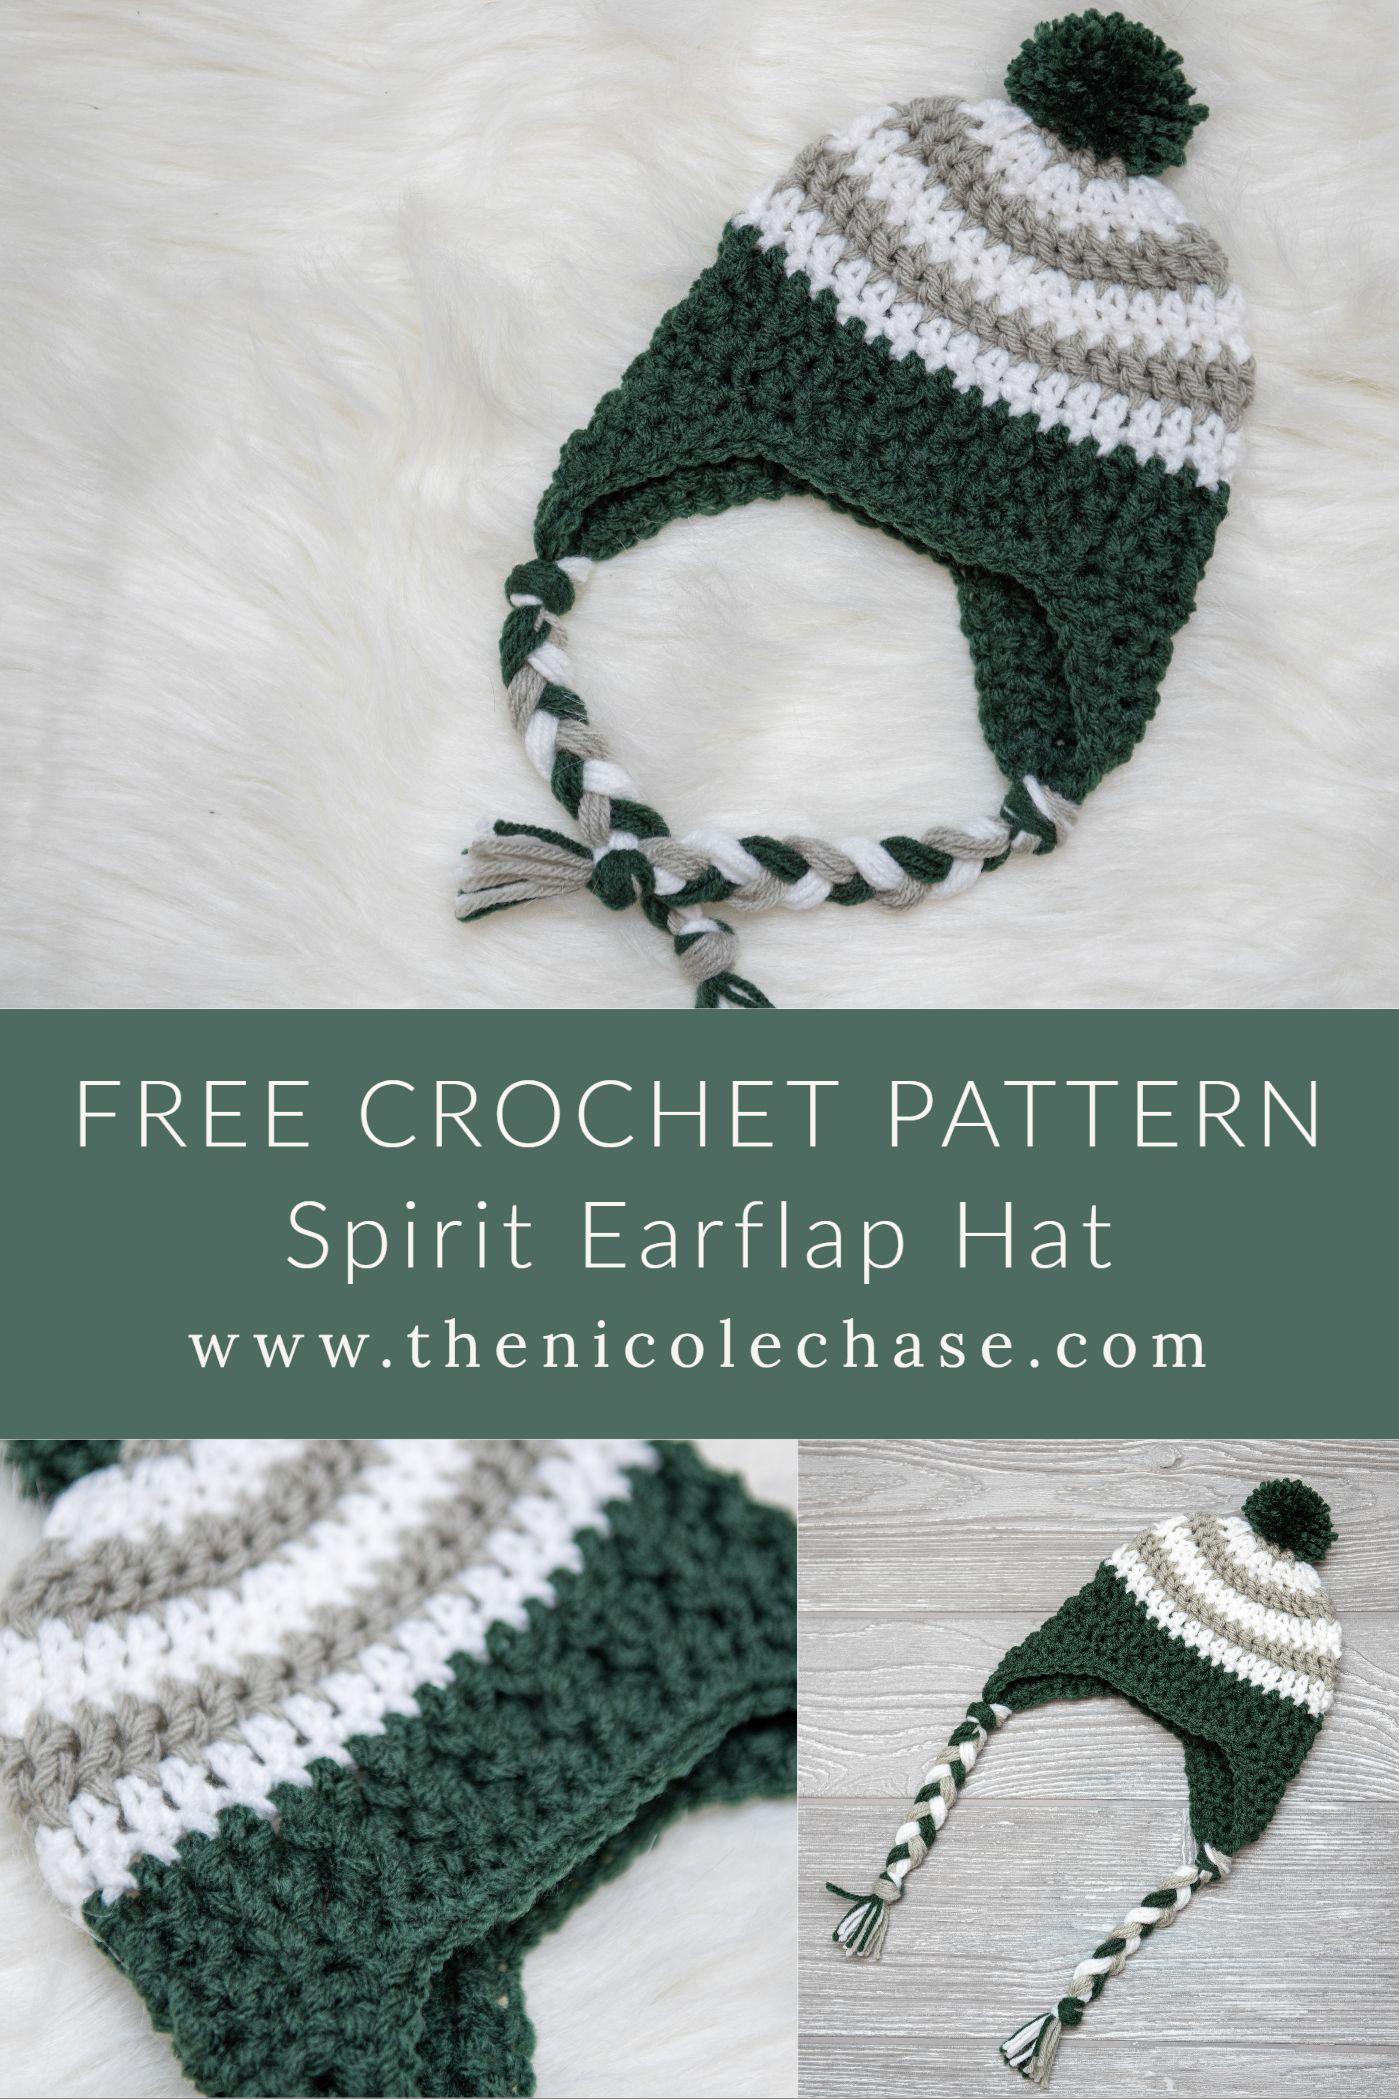 Spirit Earflap Hat Free Crochet Pattern Nicole Chase Crochet Hats Crochet Baby Hat Patterns Toddler Crochet Patterns